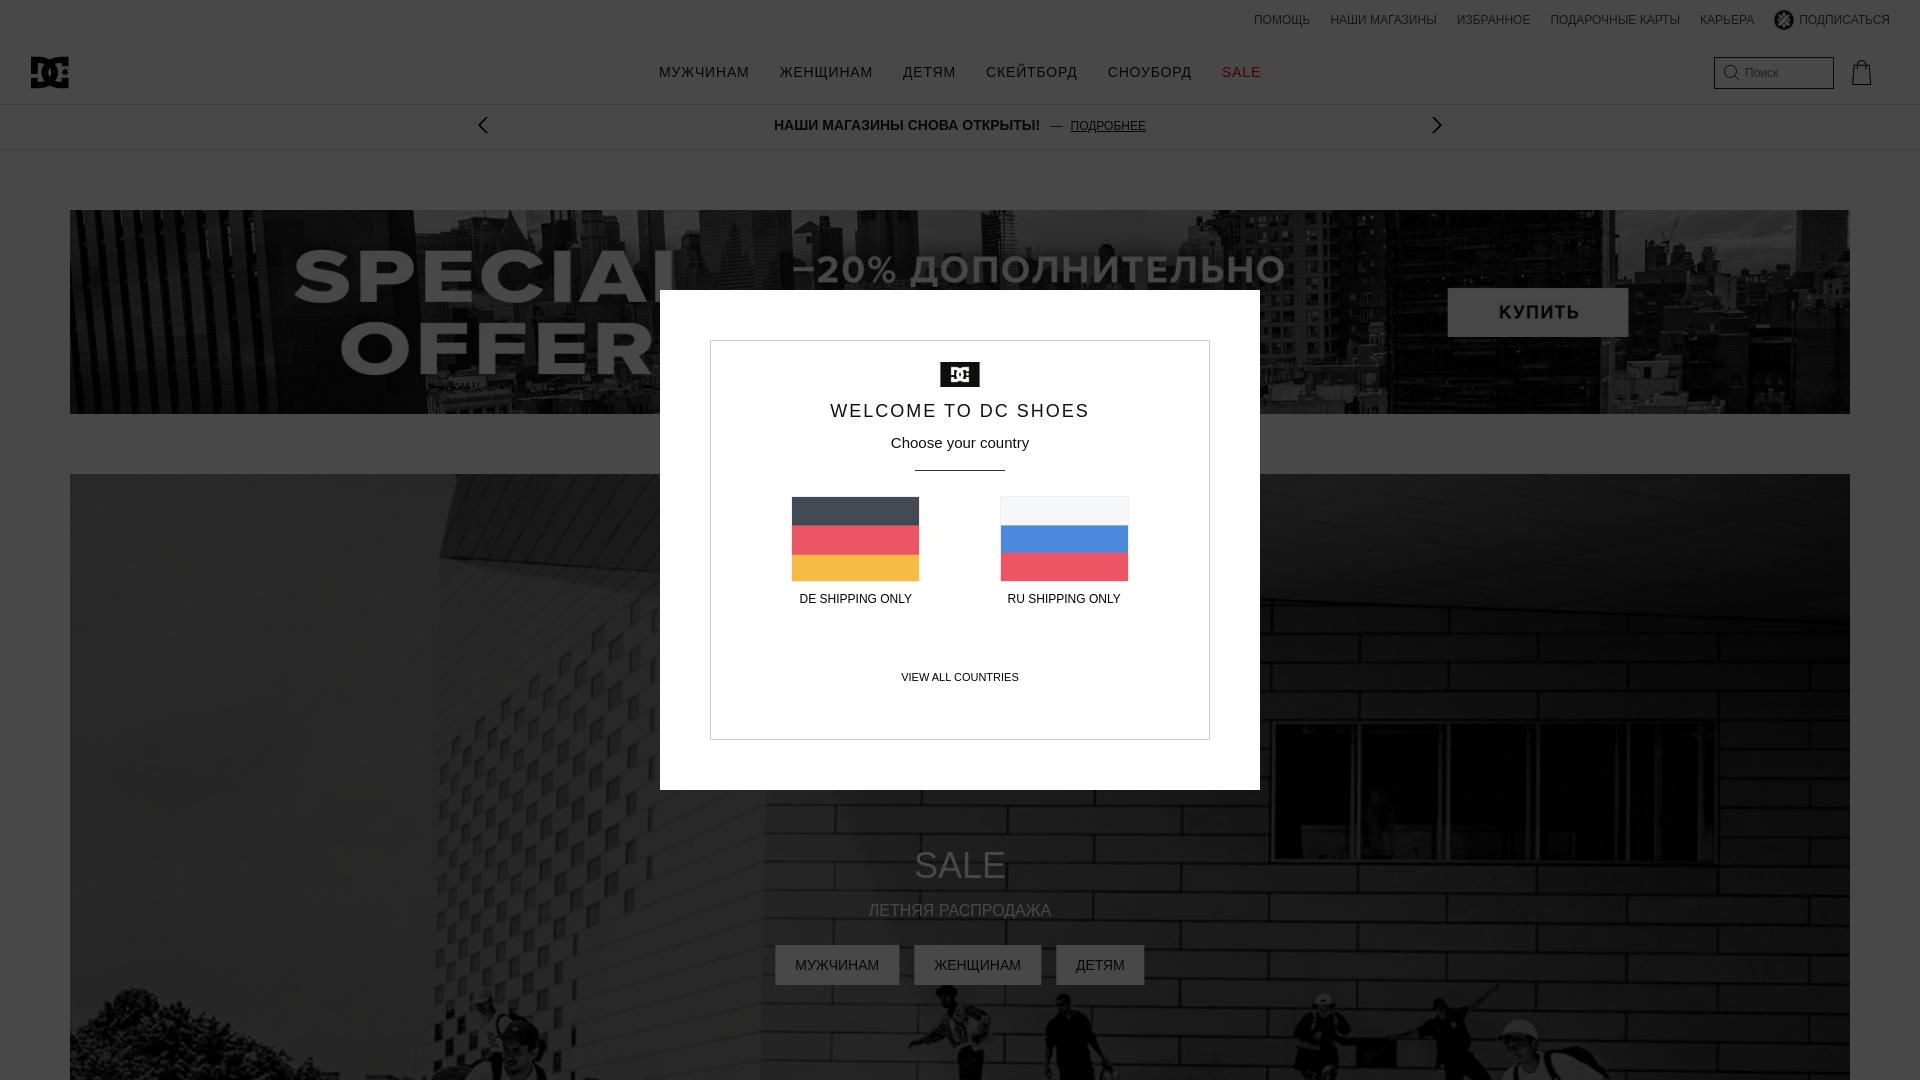 DC Shoes website